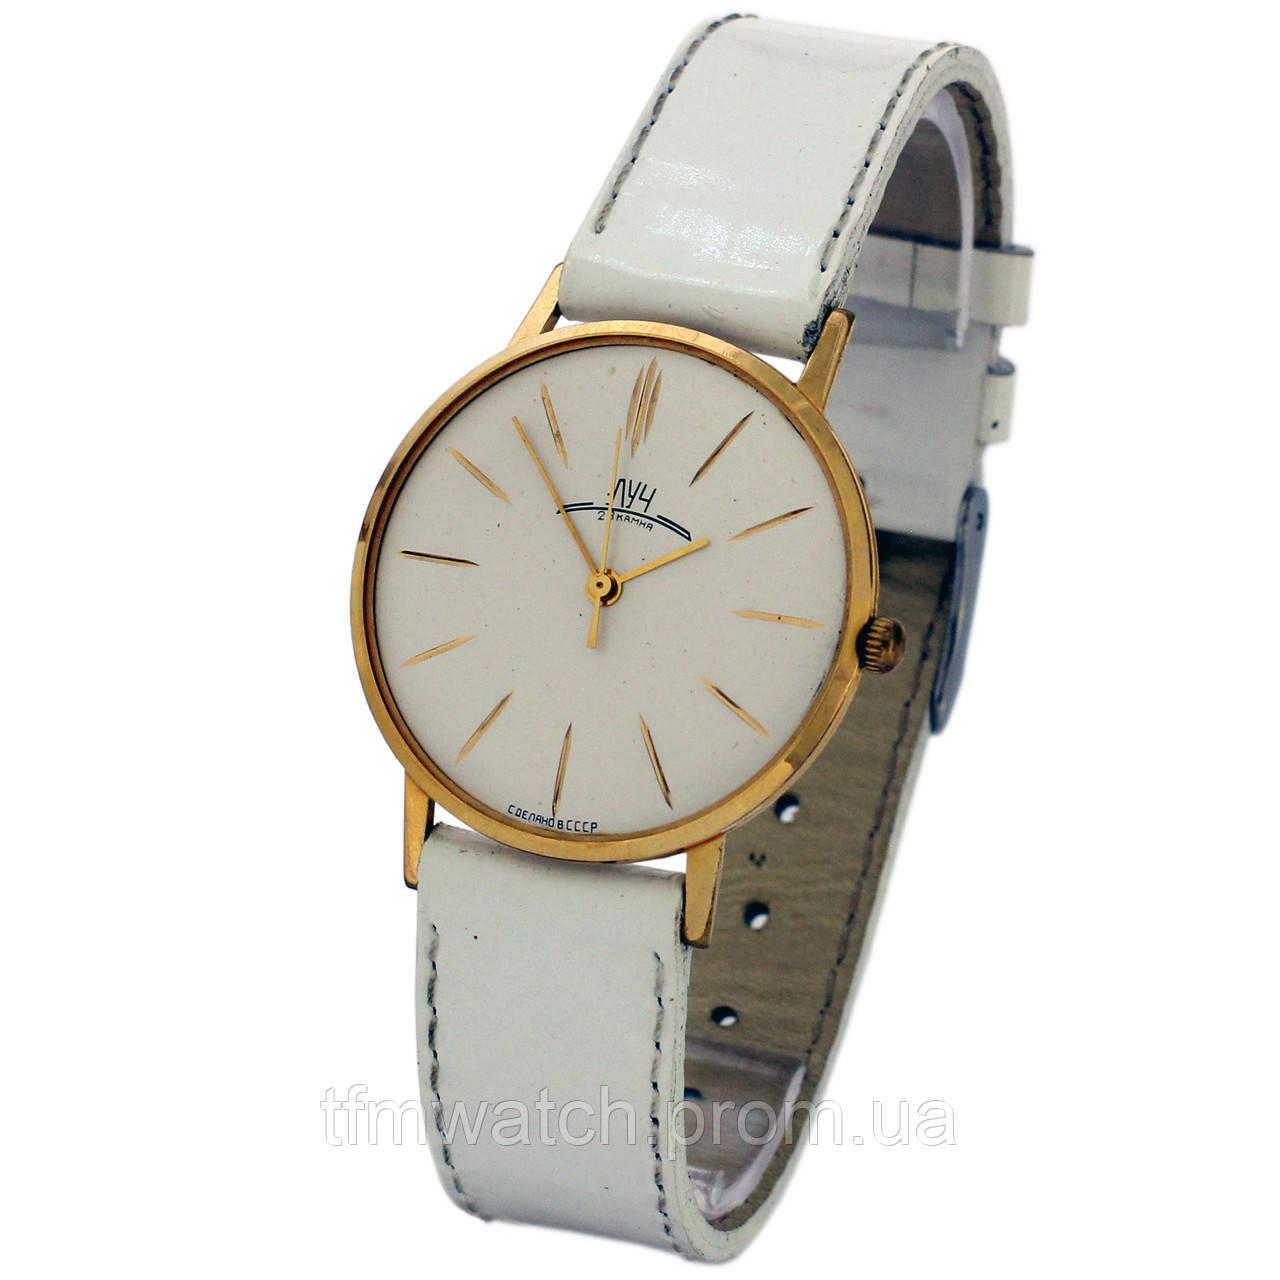 Продать позолоченные часы где в часовой москве купить часы ломбард